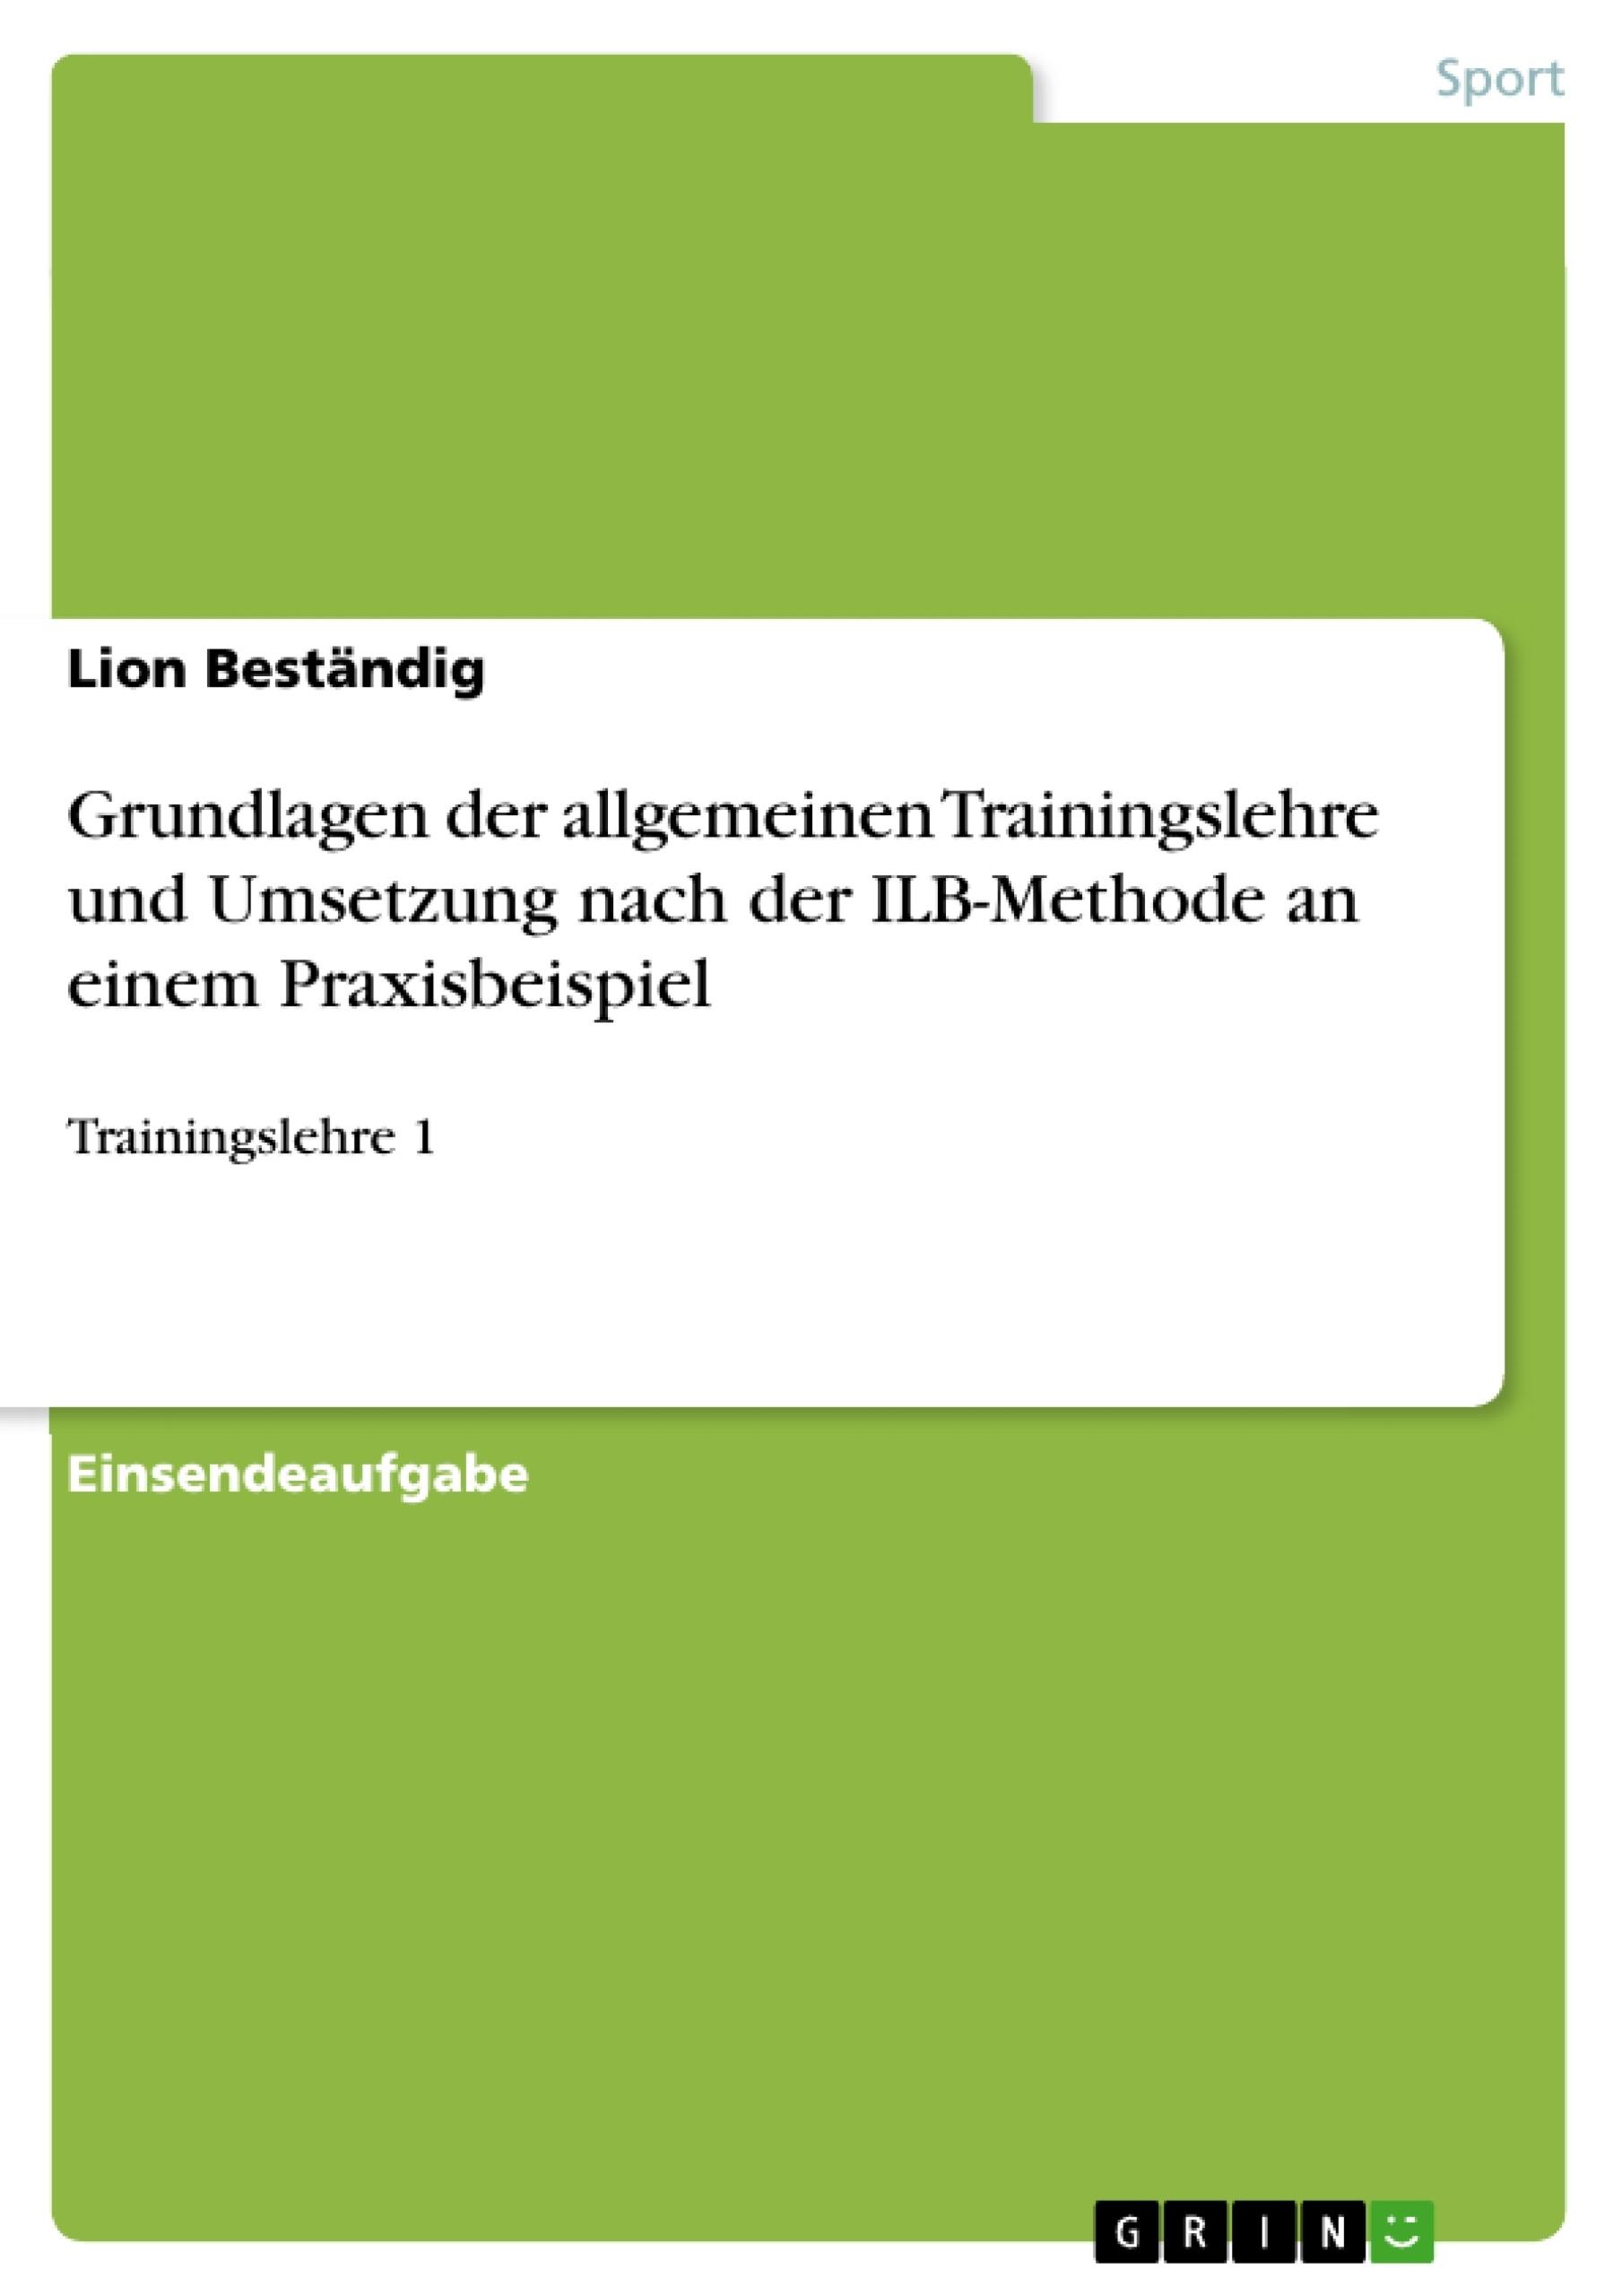 Titel: Grundlagen der allgemeinen Trainingslehre und Umsetzung nach der ILB-Methode an einem Praxisbeispiel